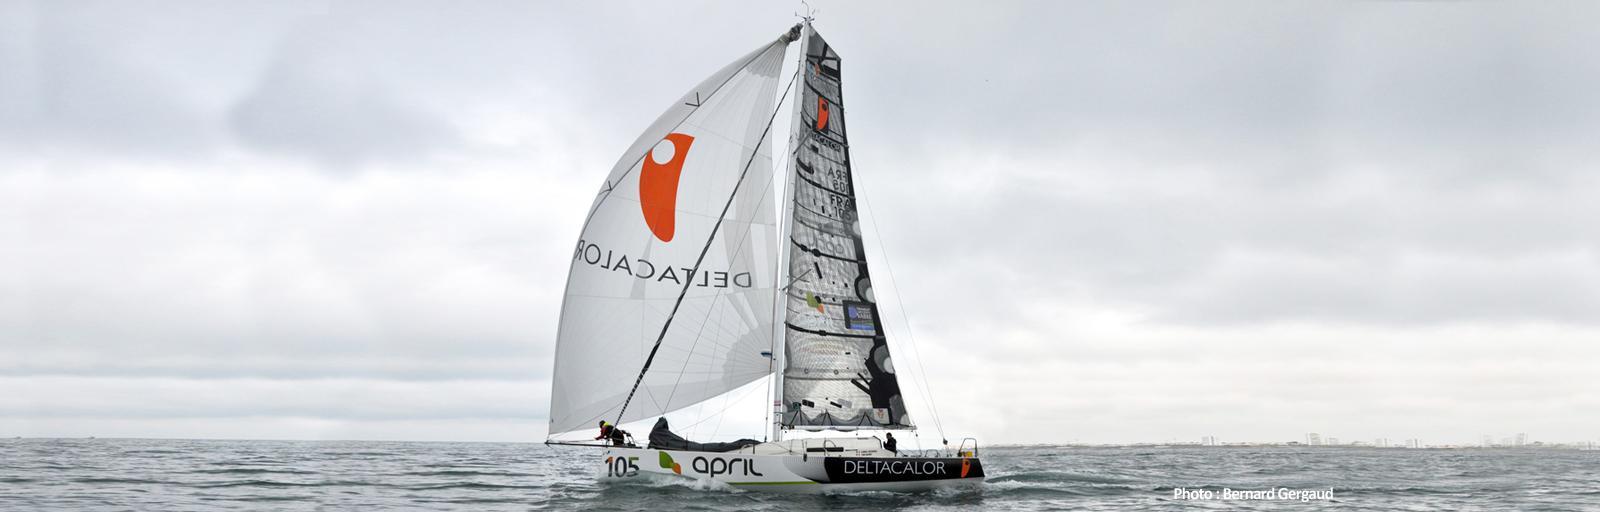 Akilaria 40 voilier de course au large Class' 40